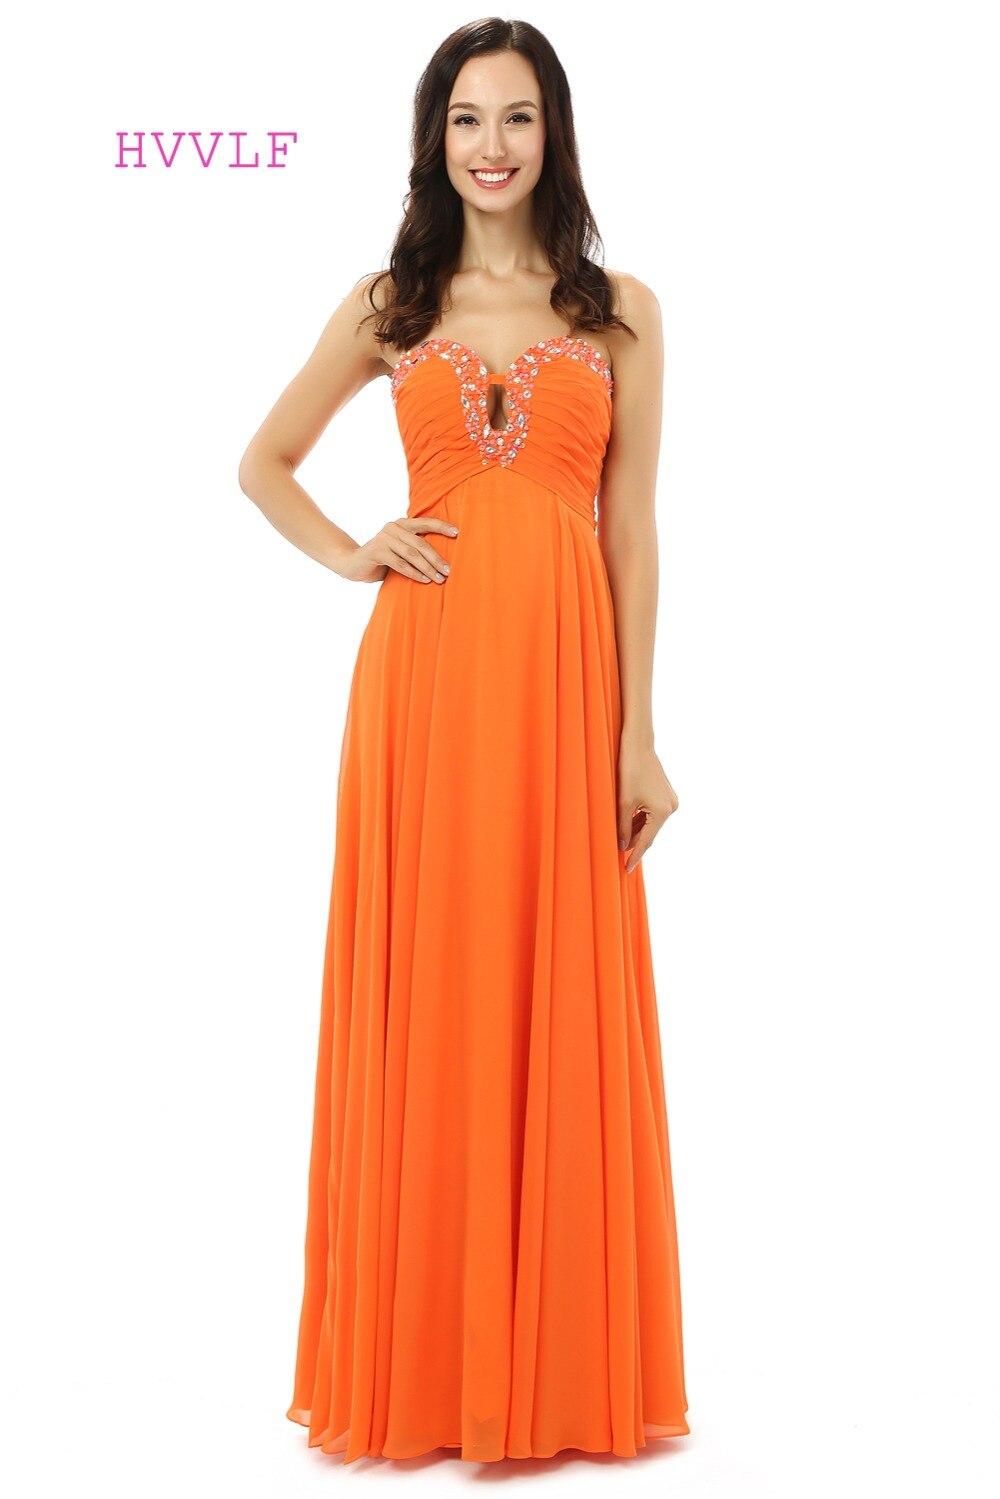 338a05ec9f1a45 ᑐRéel Photo HVVLF 2019 Robes De Bal A-ligne Sweetheart Orange En ...